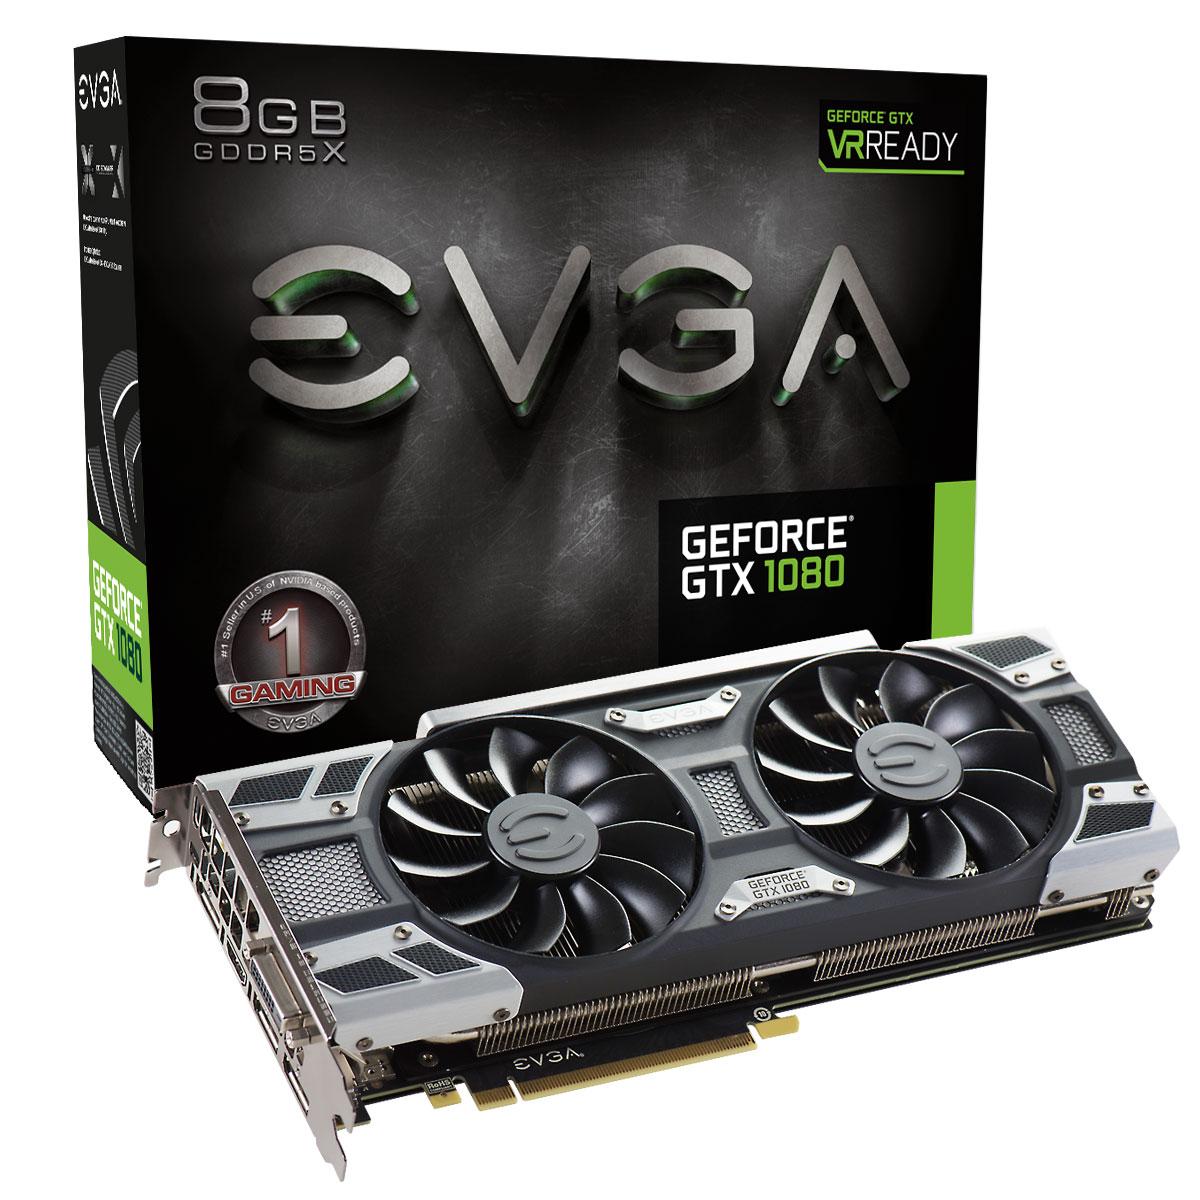 EVGA GeForce GTX 1080 Gaming ACX 3.0 662,99€ @CaseKing